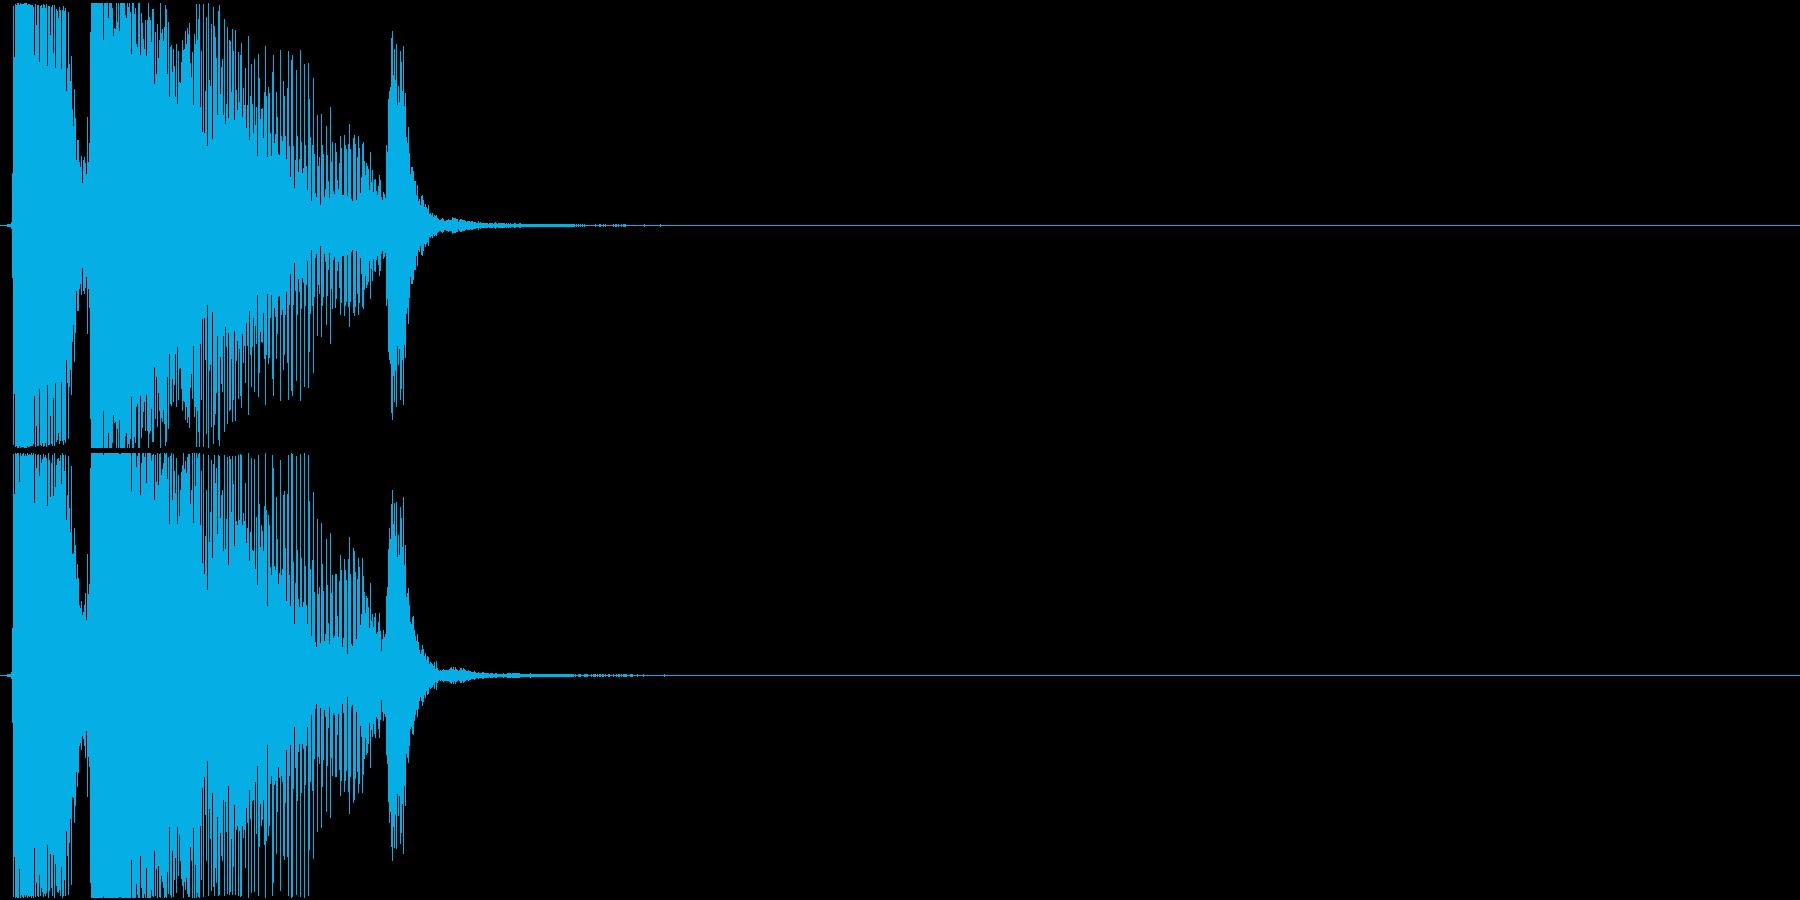 「エクセレント」アプリ・ゲーム用の再生済みの波形